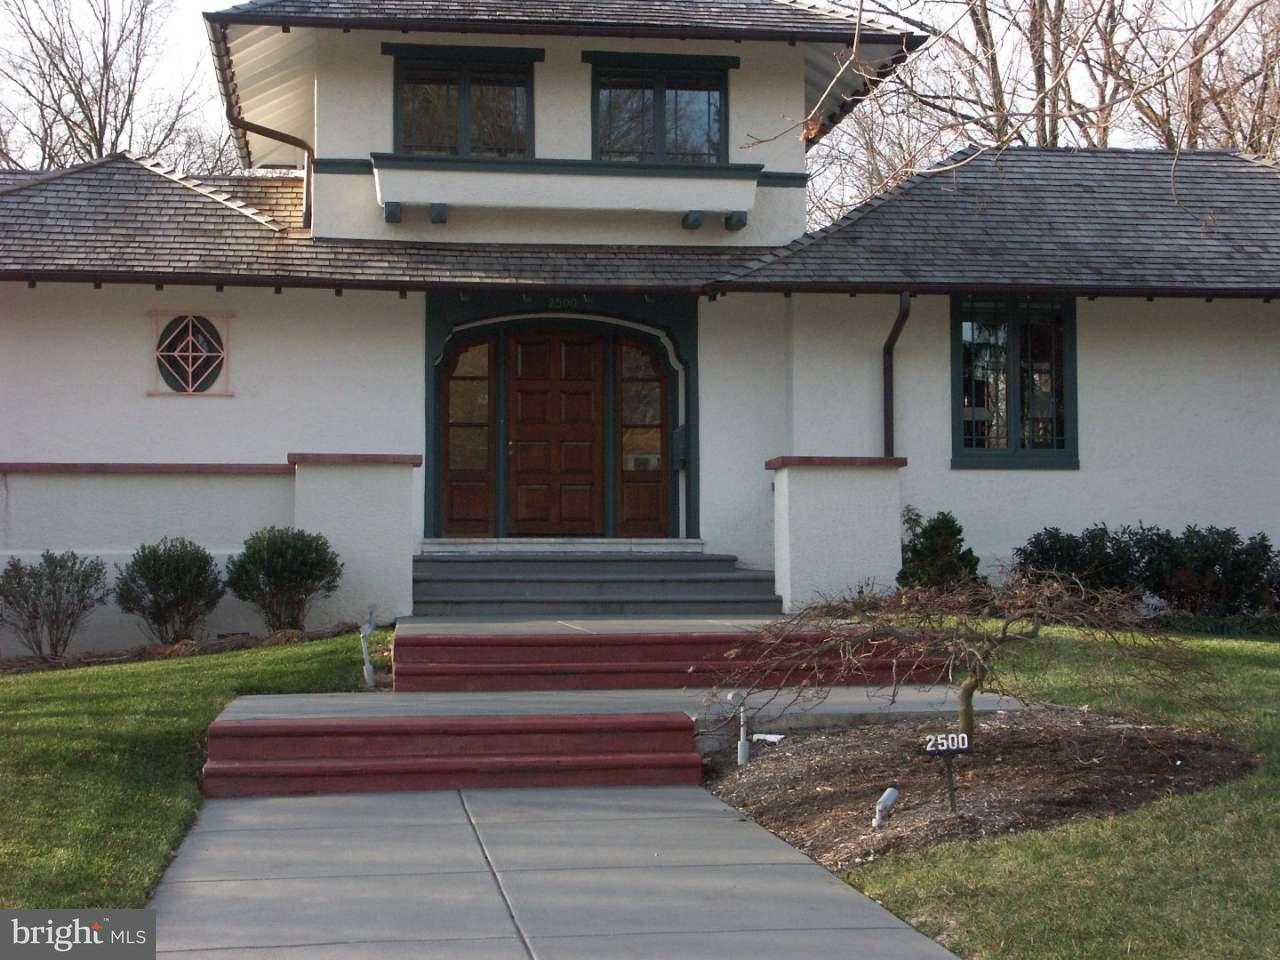 独户住宅 为 销售 在 2500 W 17TH Street 威明顿市, 特拉华州 19806 美国